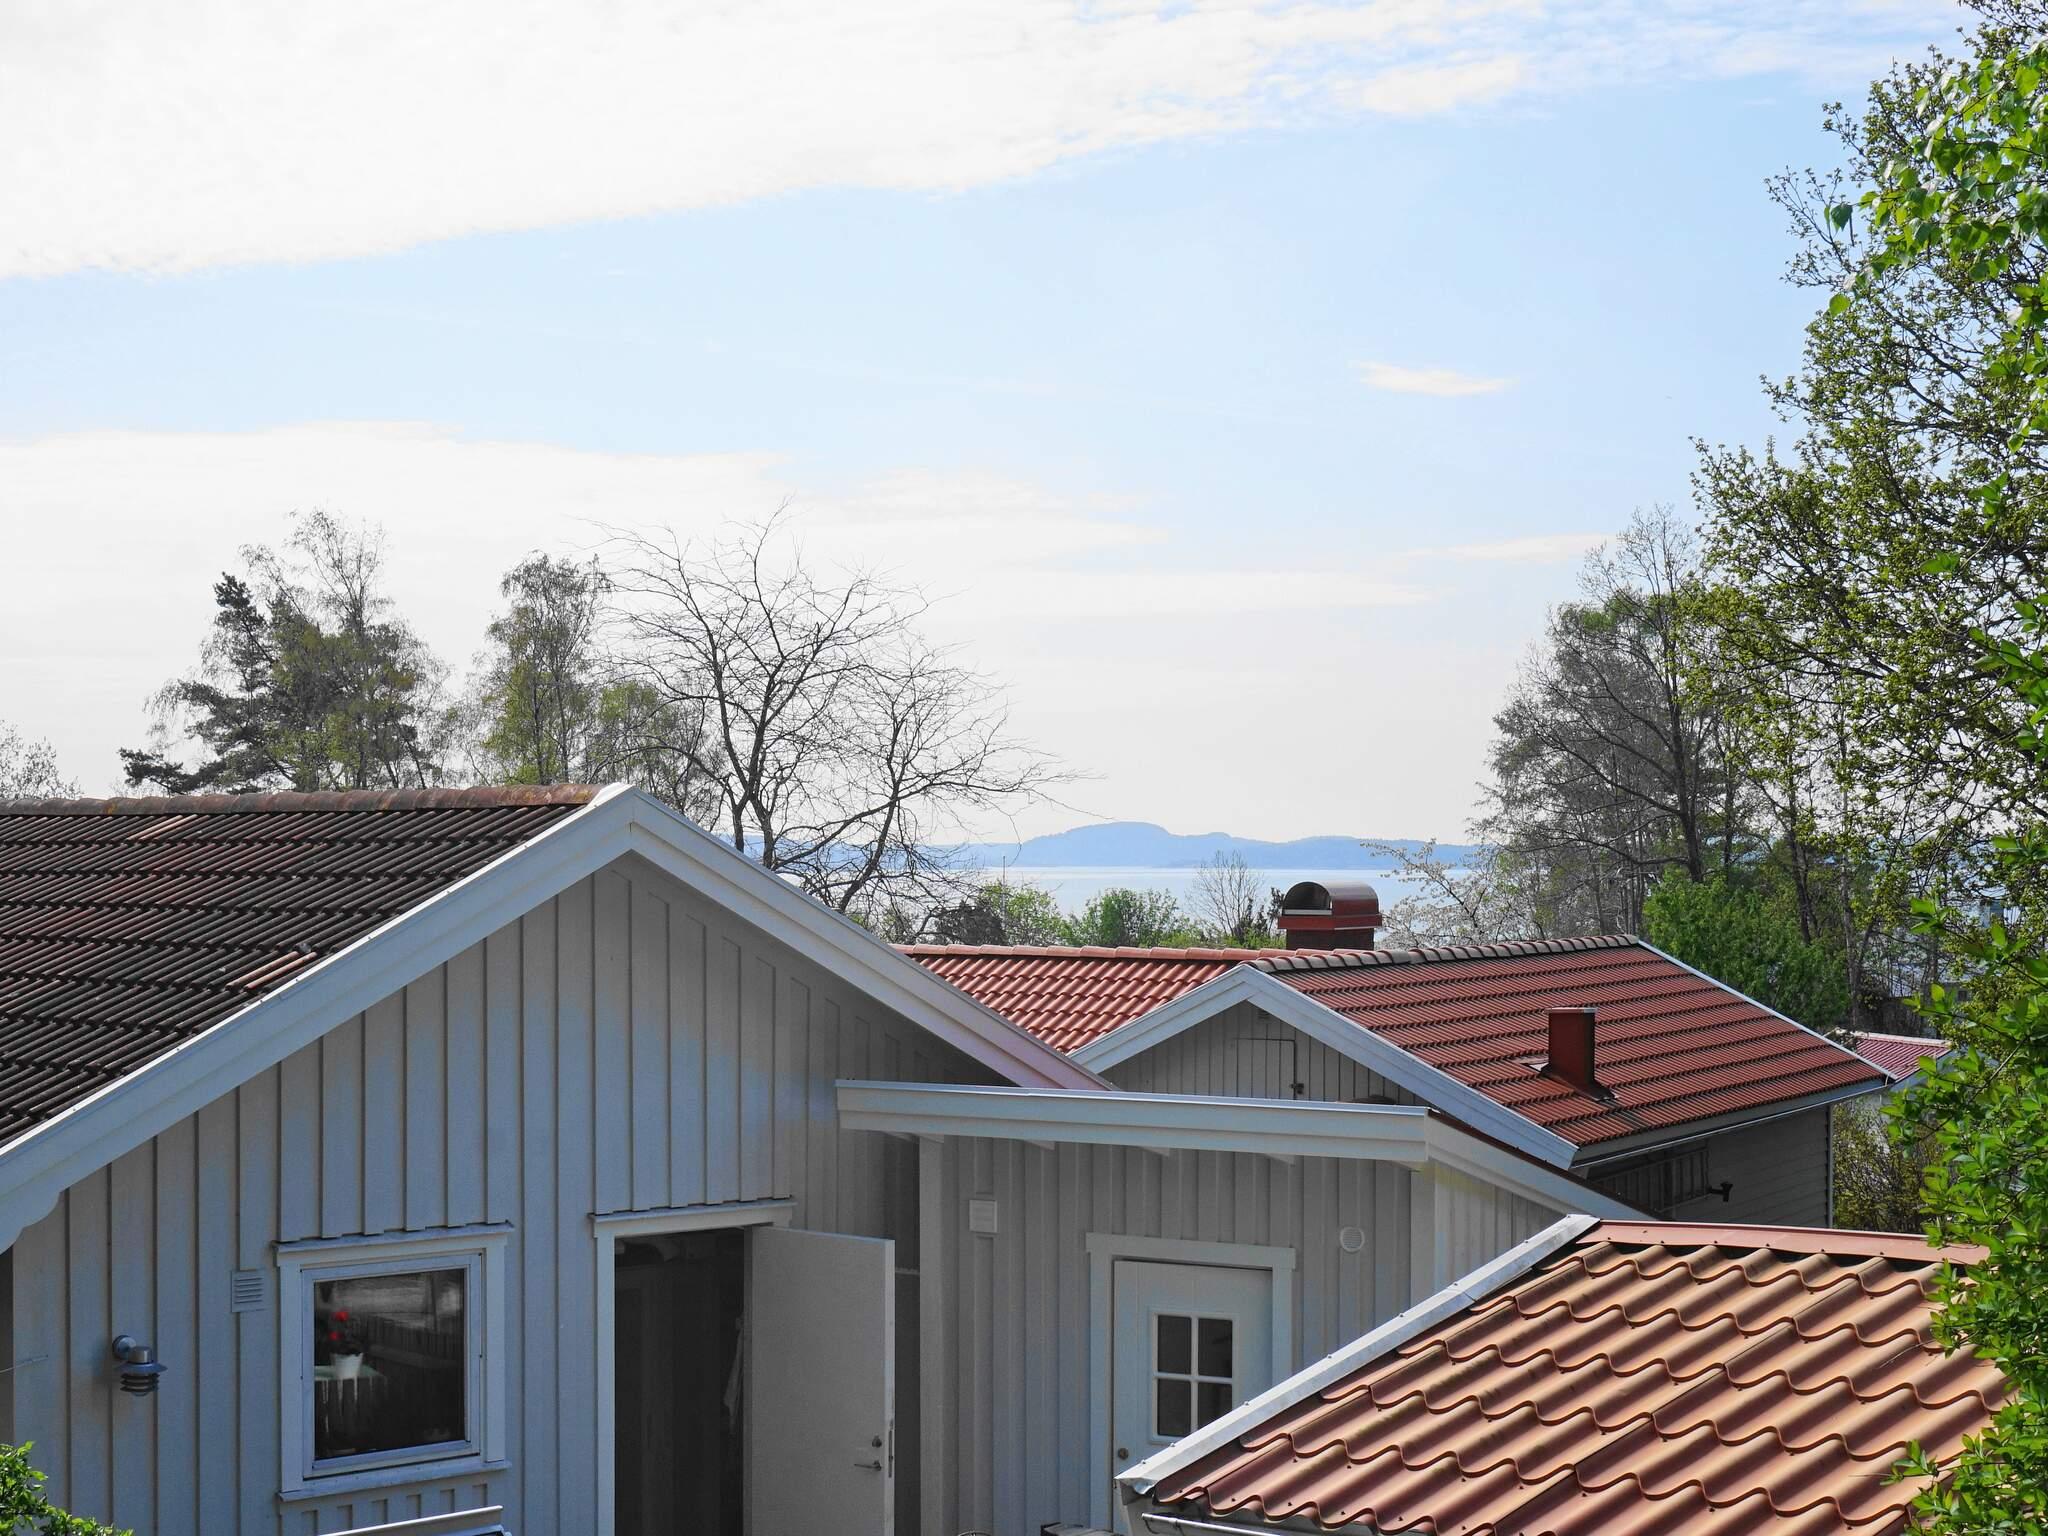 Ferienhaus Tjörn/Hakenäset (2611484), Hakenäset, Tjörn, Westschweden, Schweden, Bild 20